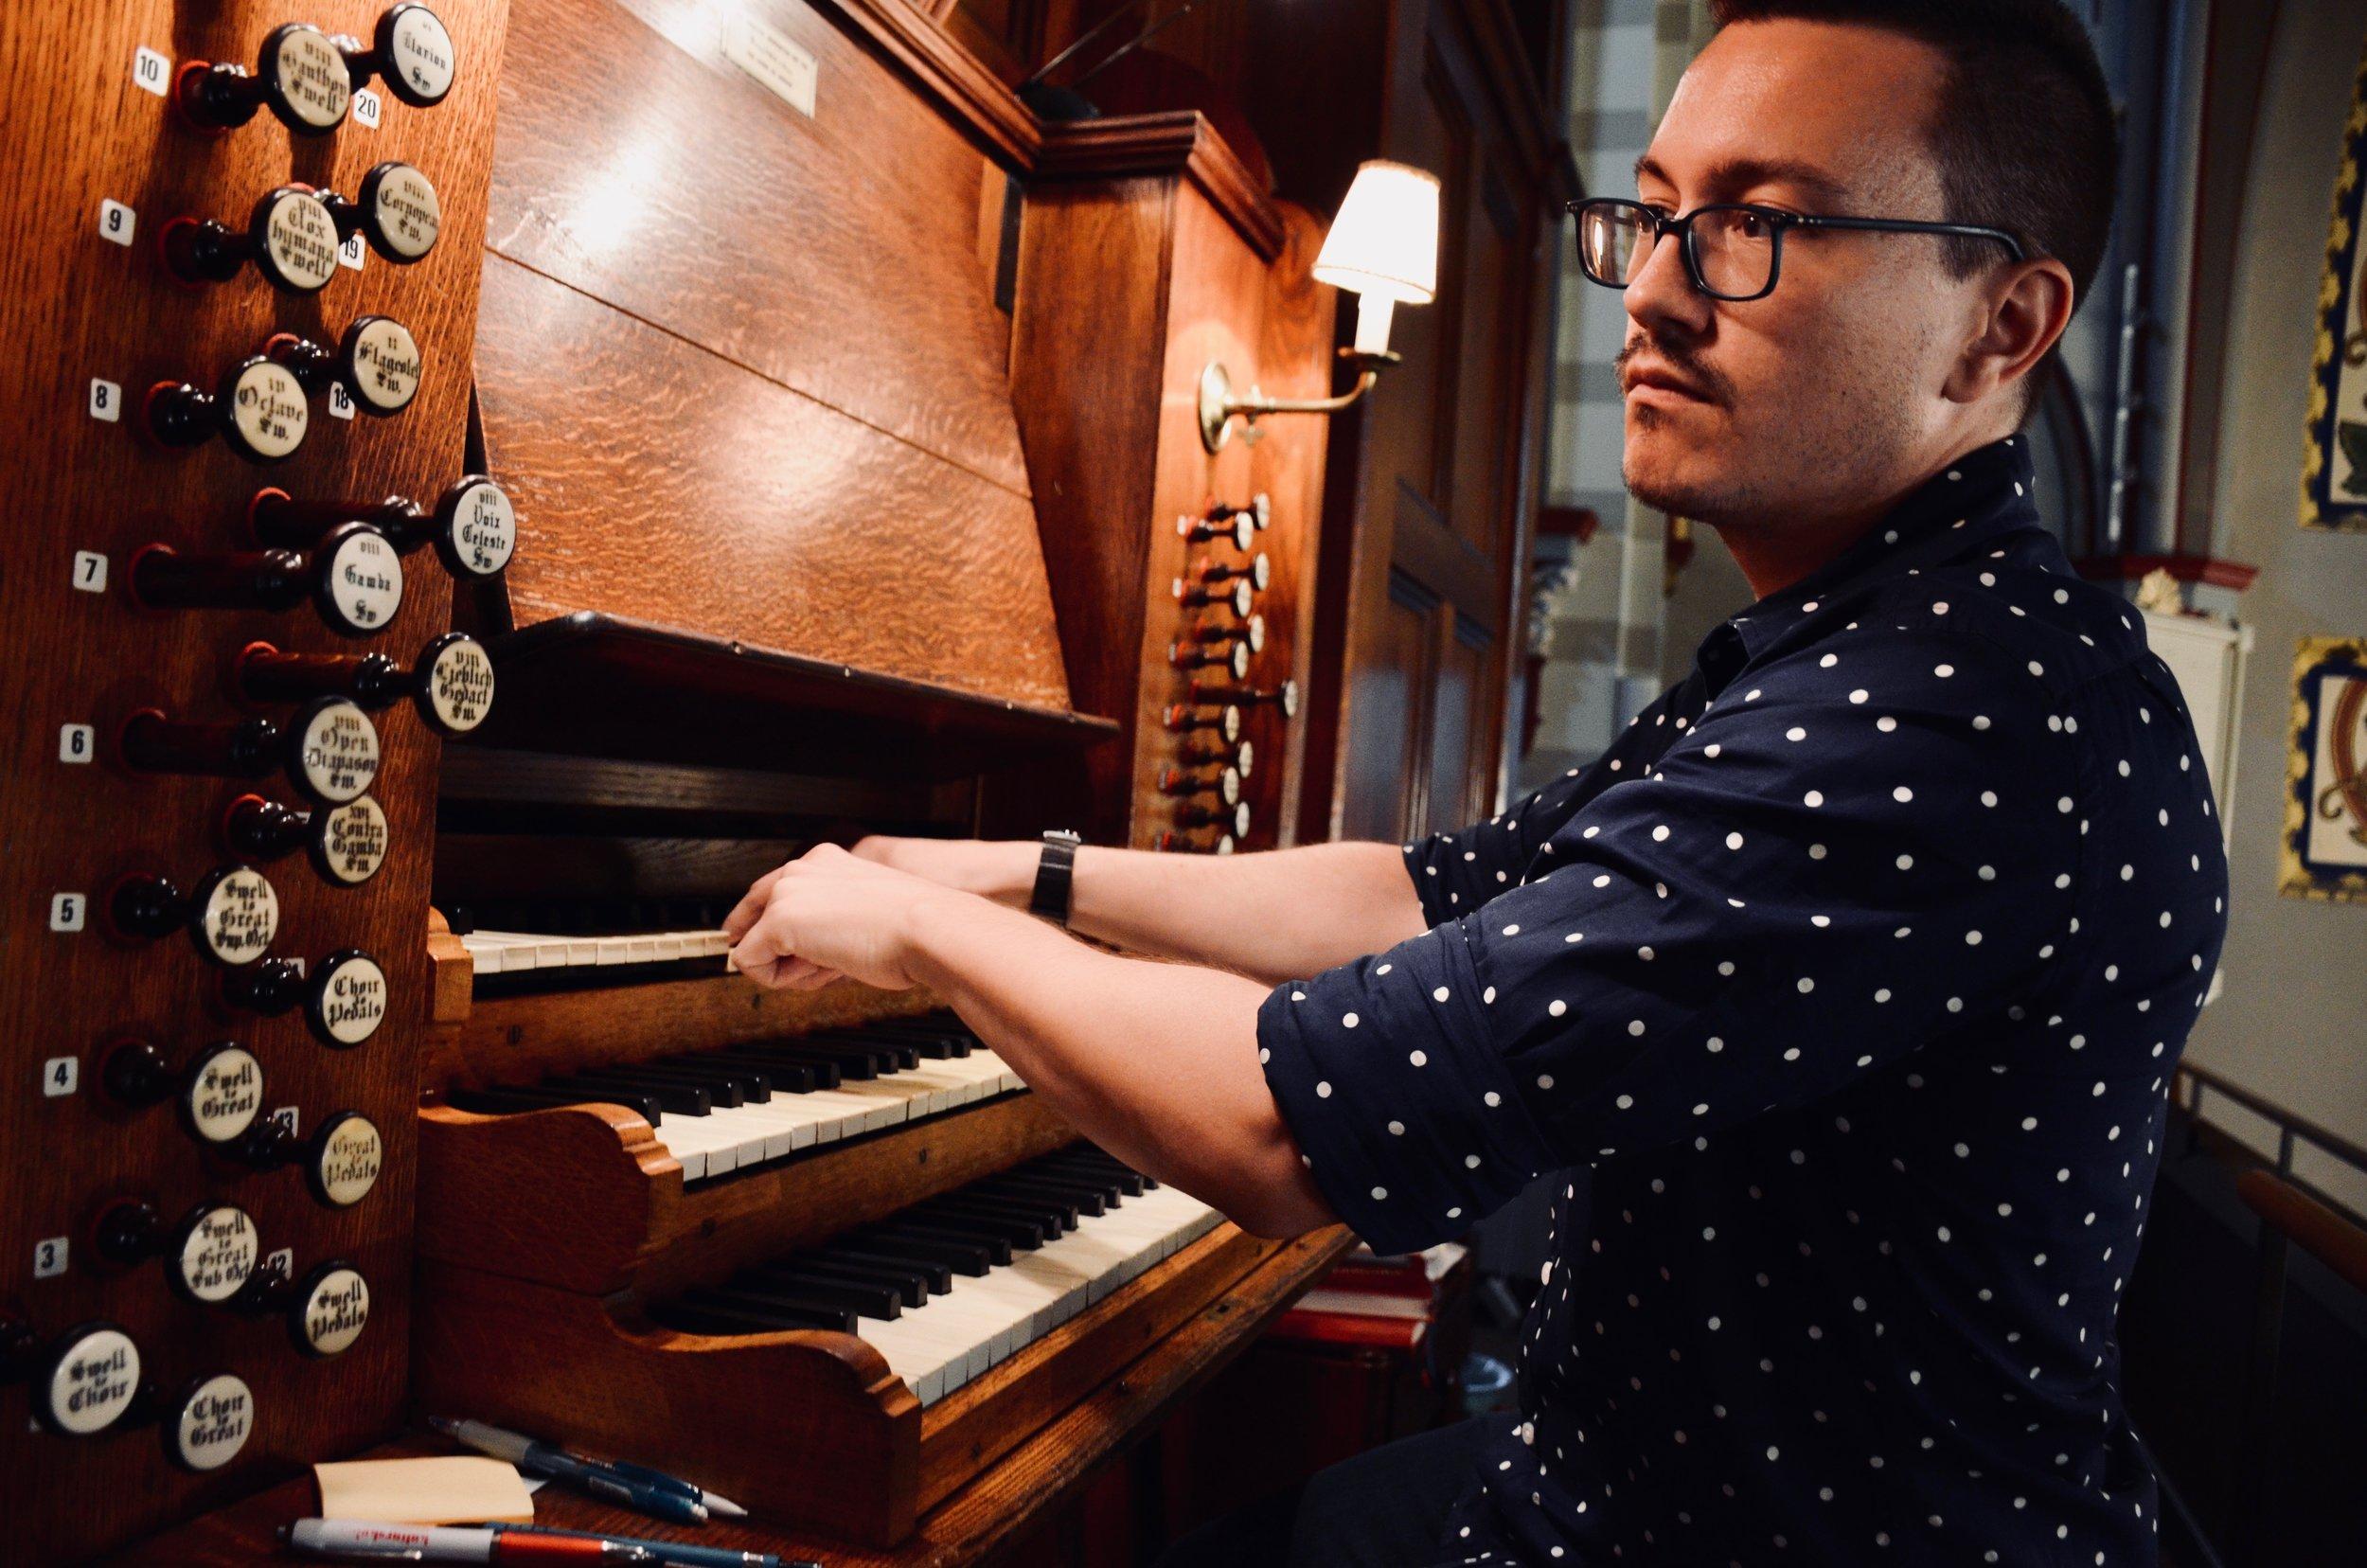 Corey De Tar plays the 1871 Willis Organ in Örgryte New Church, Göteborg, Sweden.